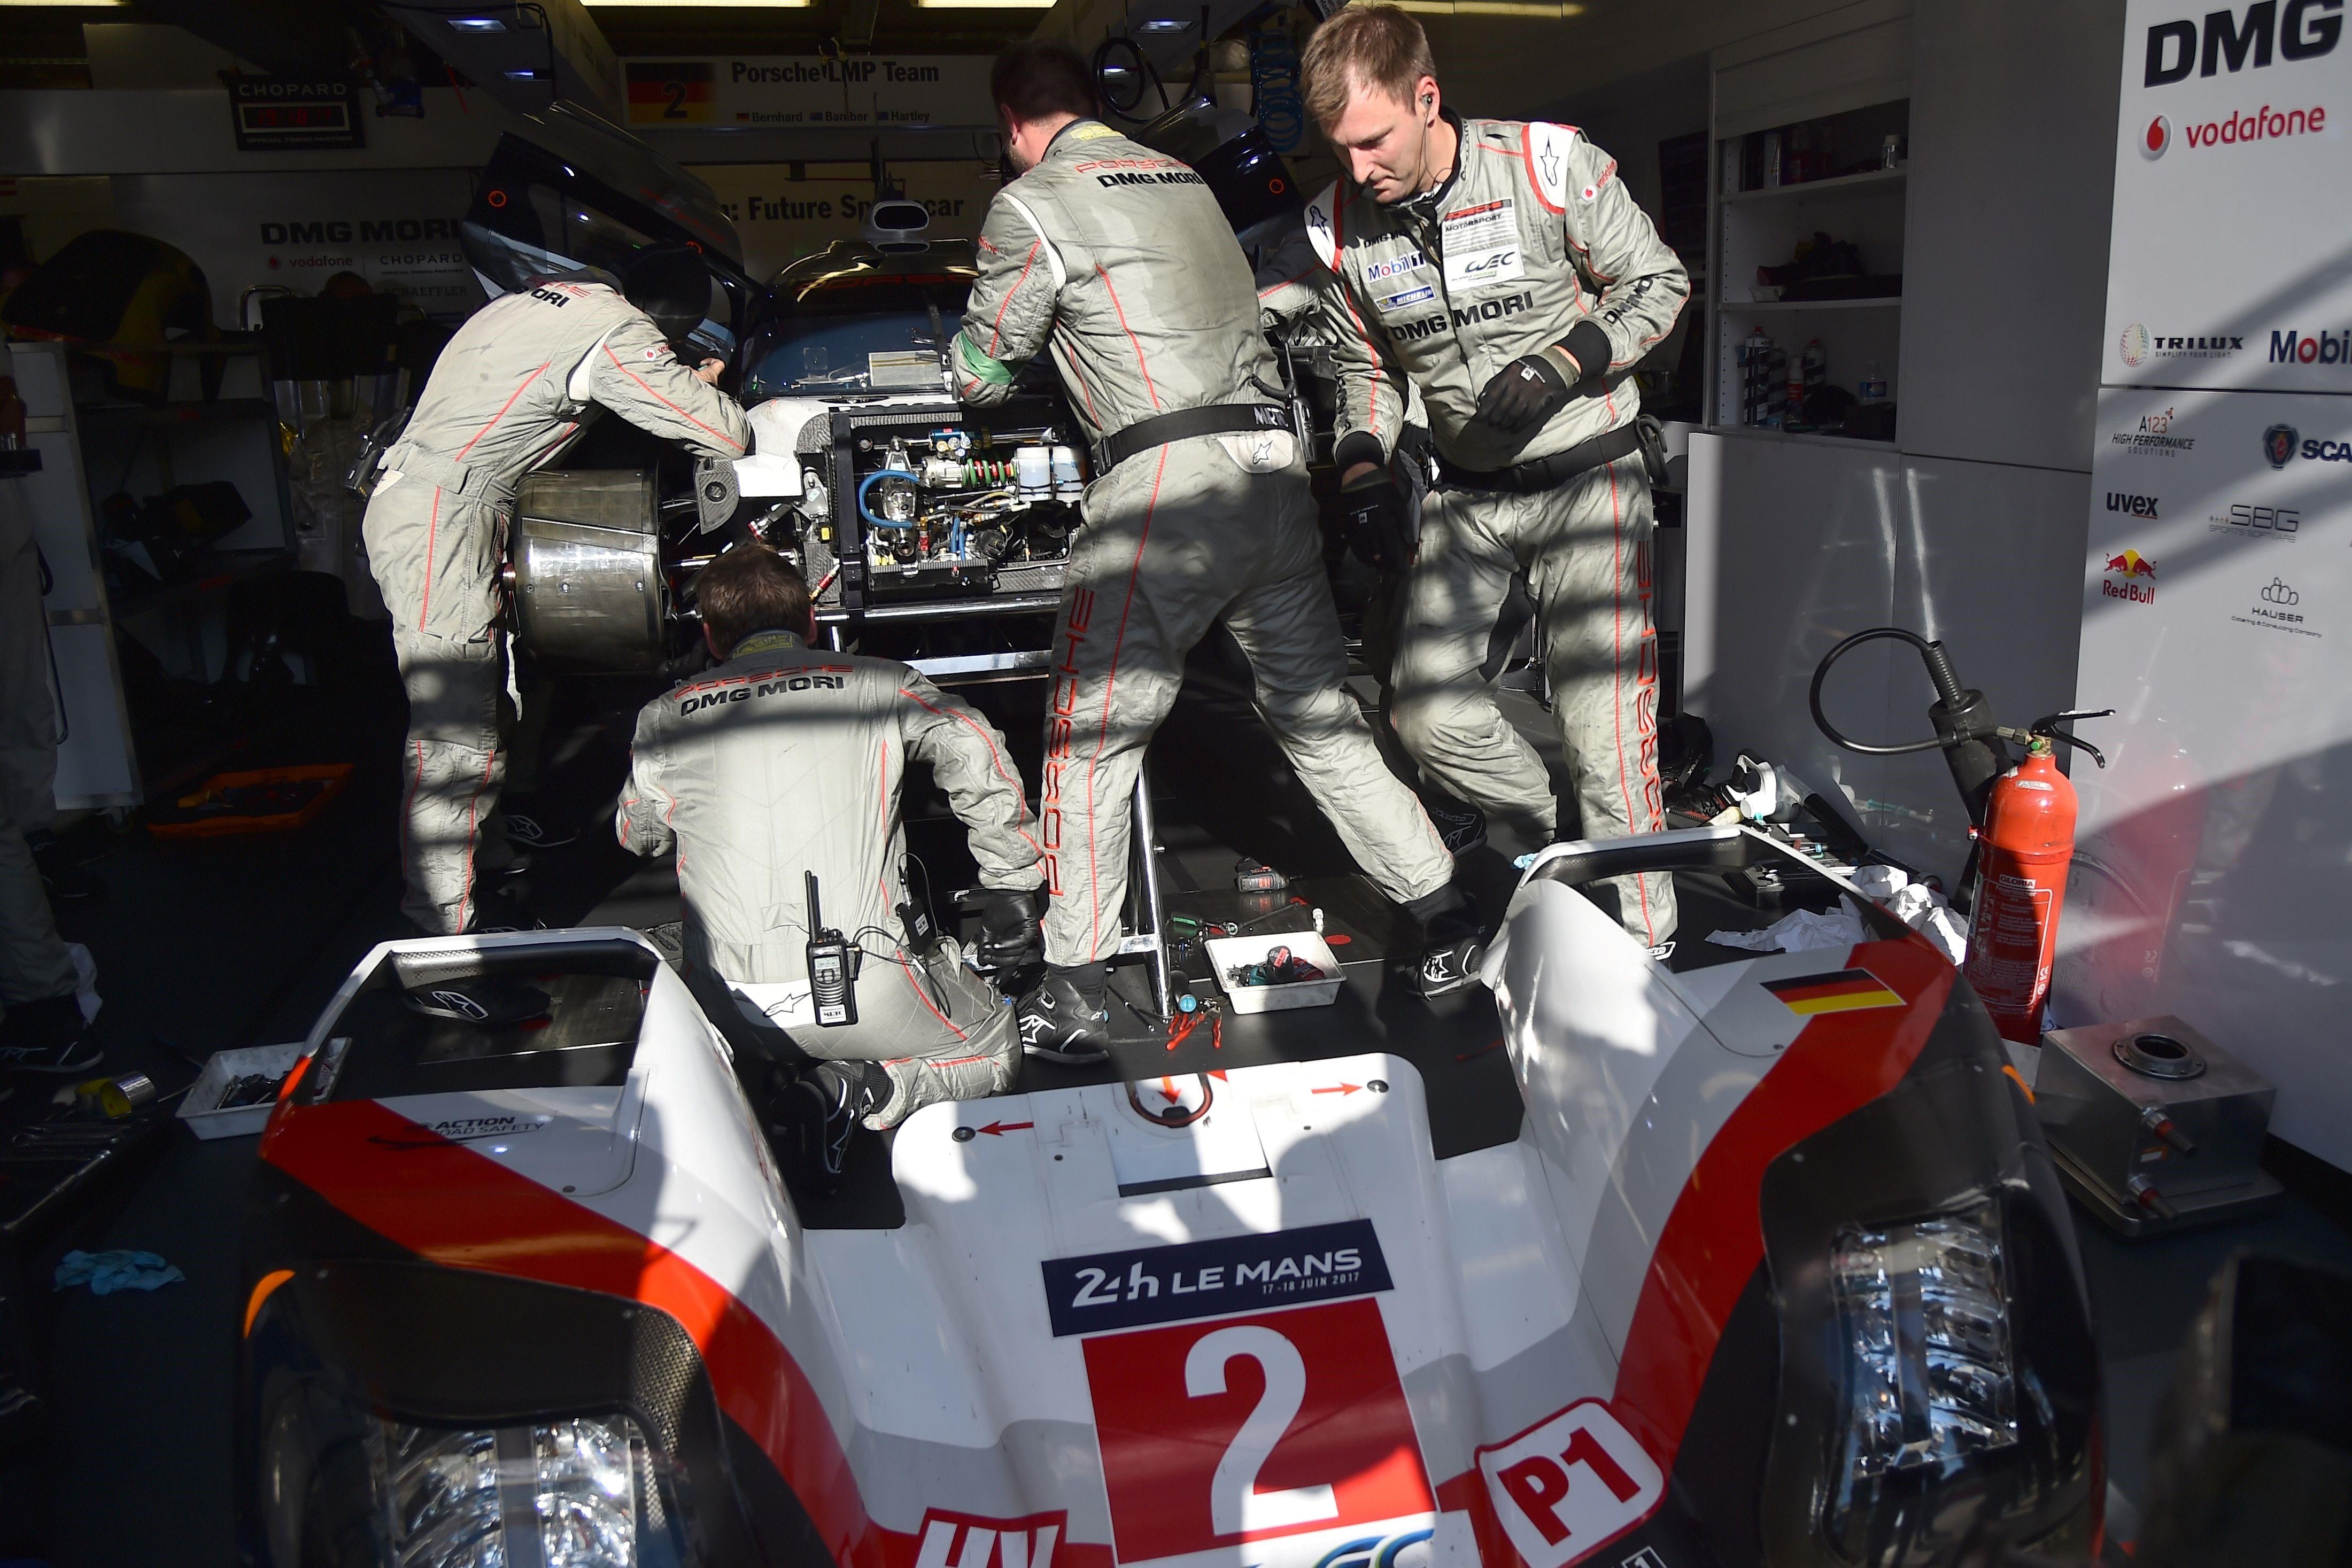 La Porsche n°2 immobilisée aux stands samedi en début de soirée